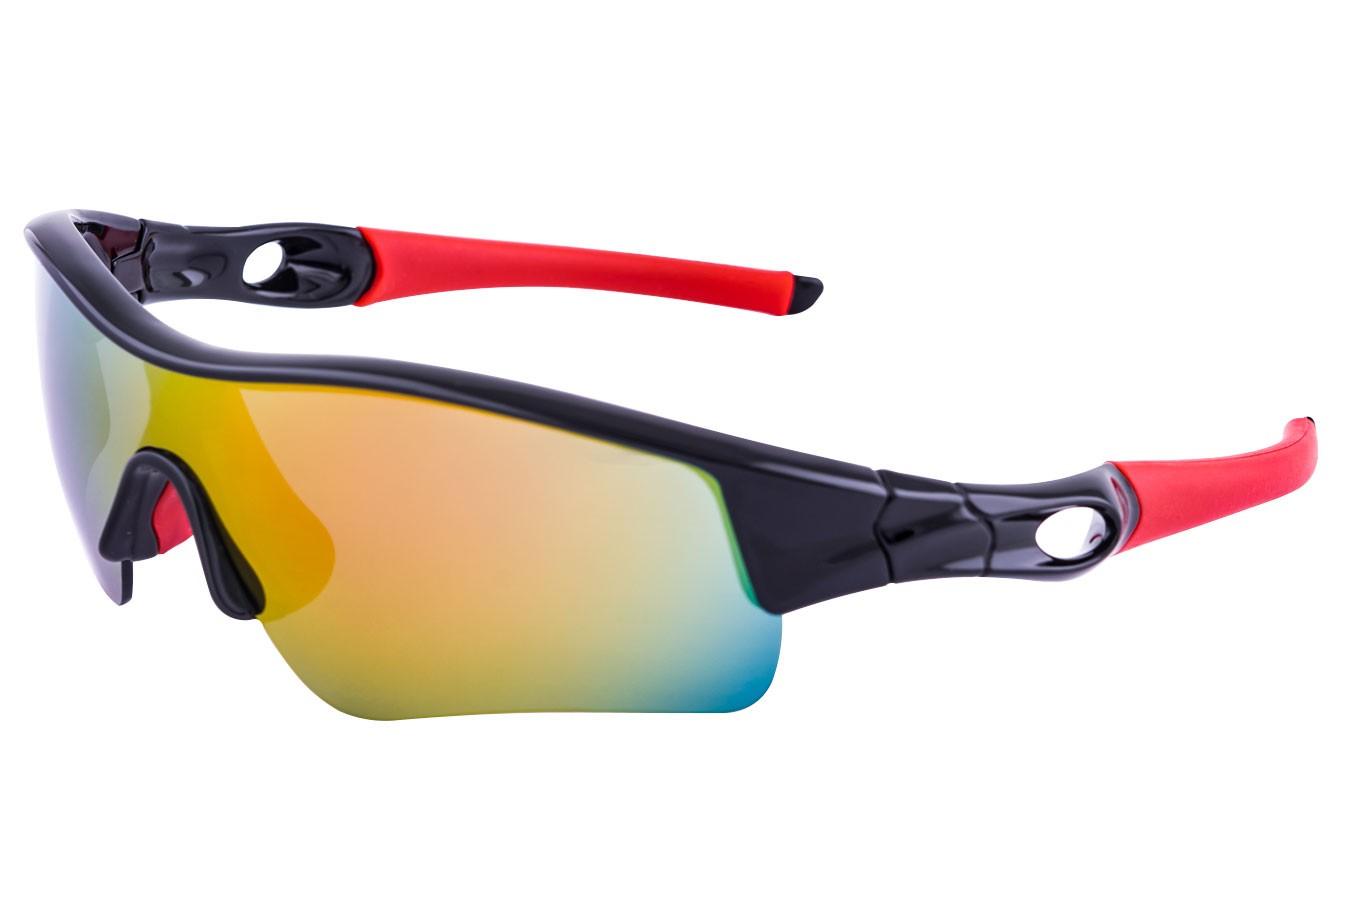 a187e9e9804d2 Óculos para ciclistas com lente espelhada 1005 - Rockbros